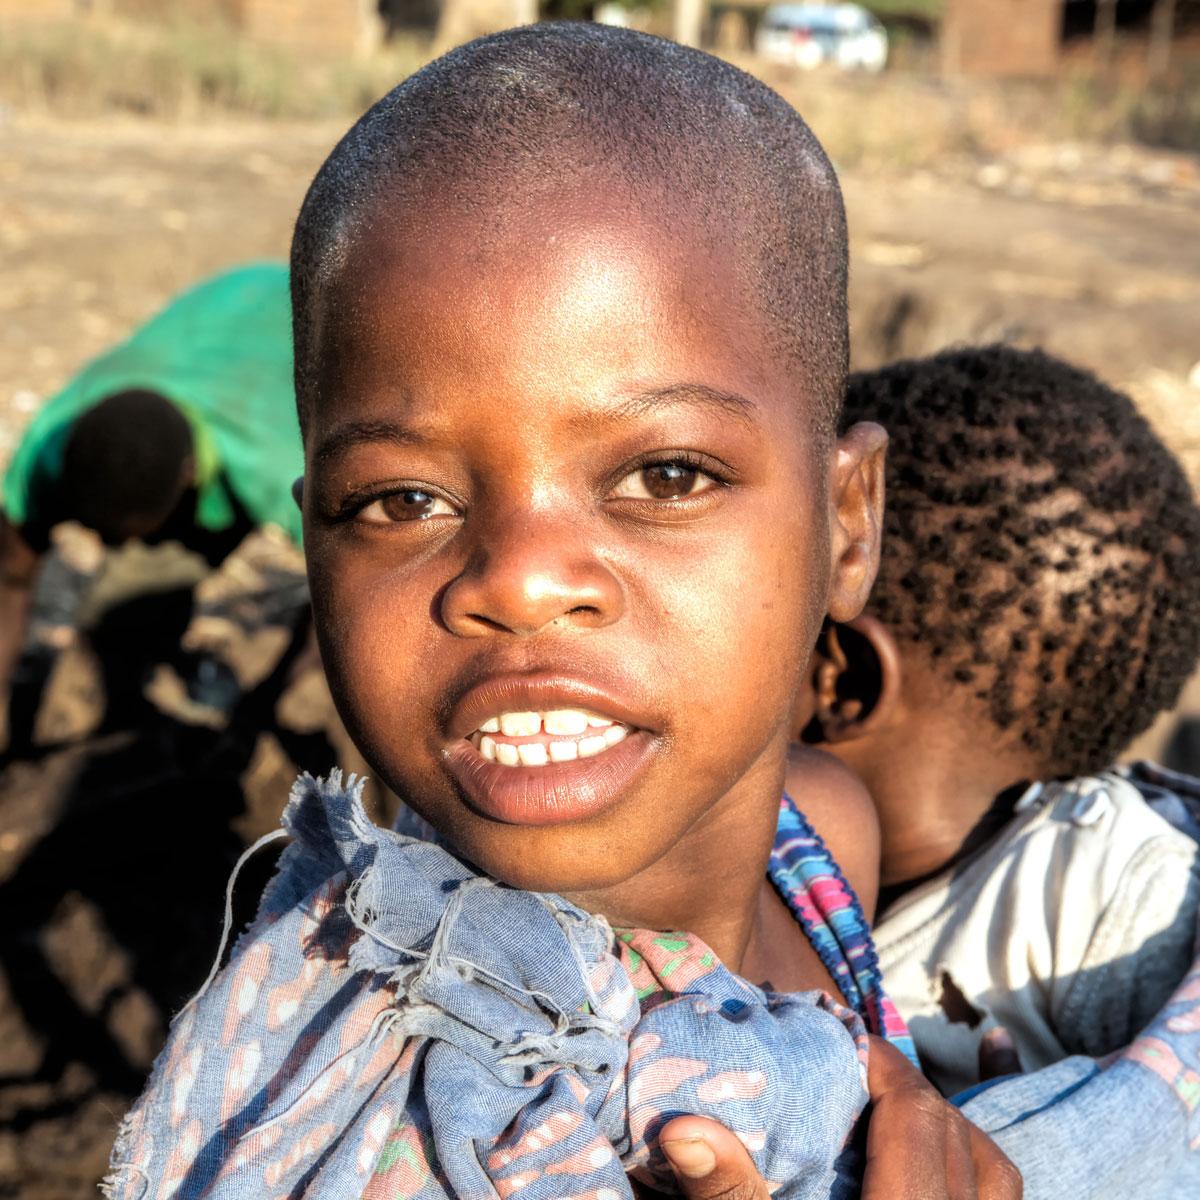 malawi-zambia_035_SP